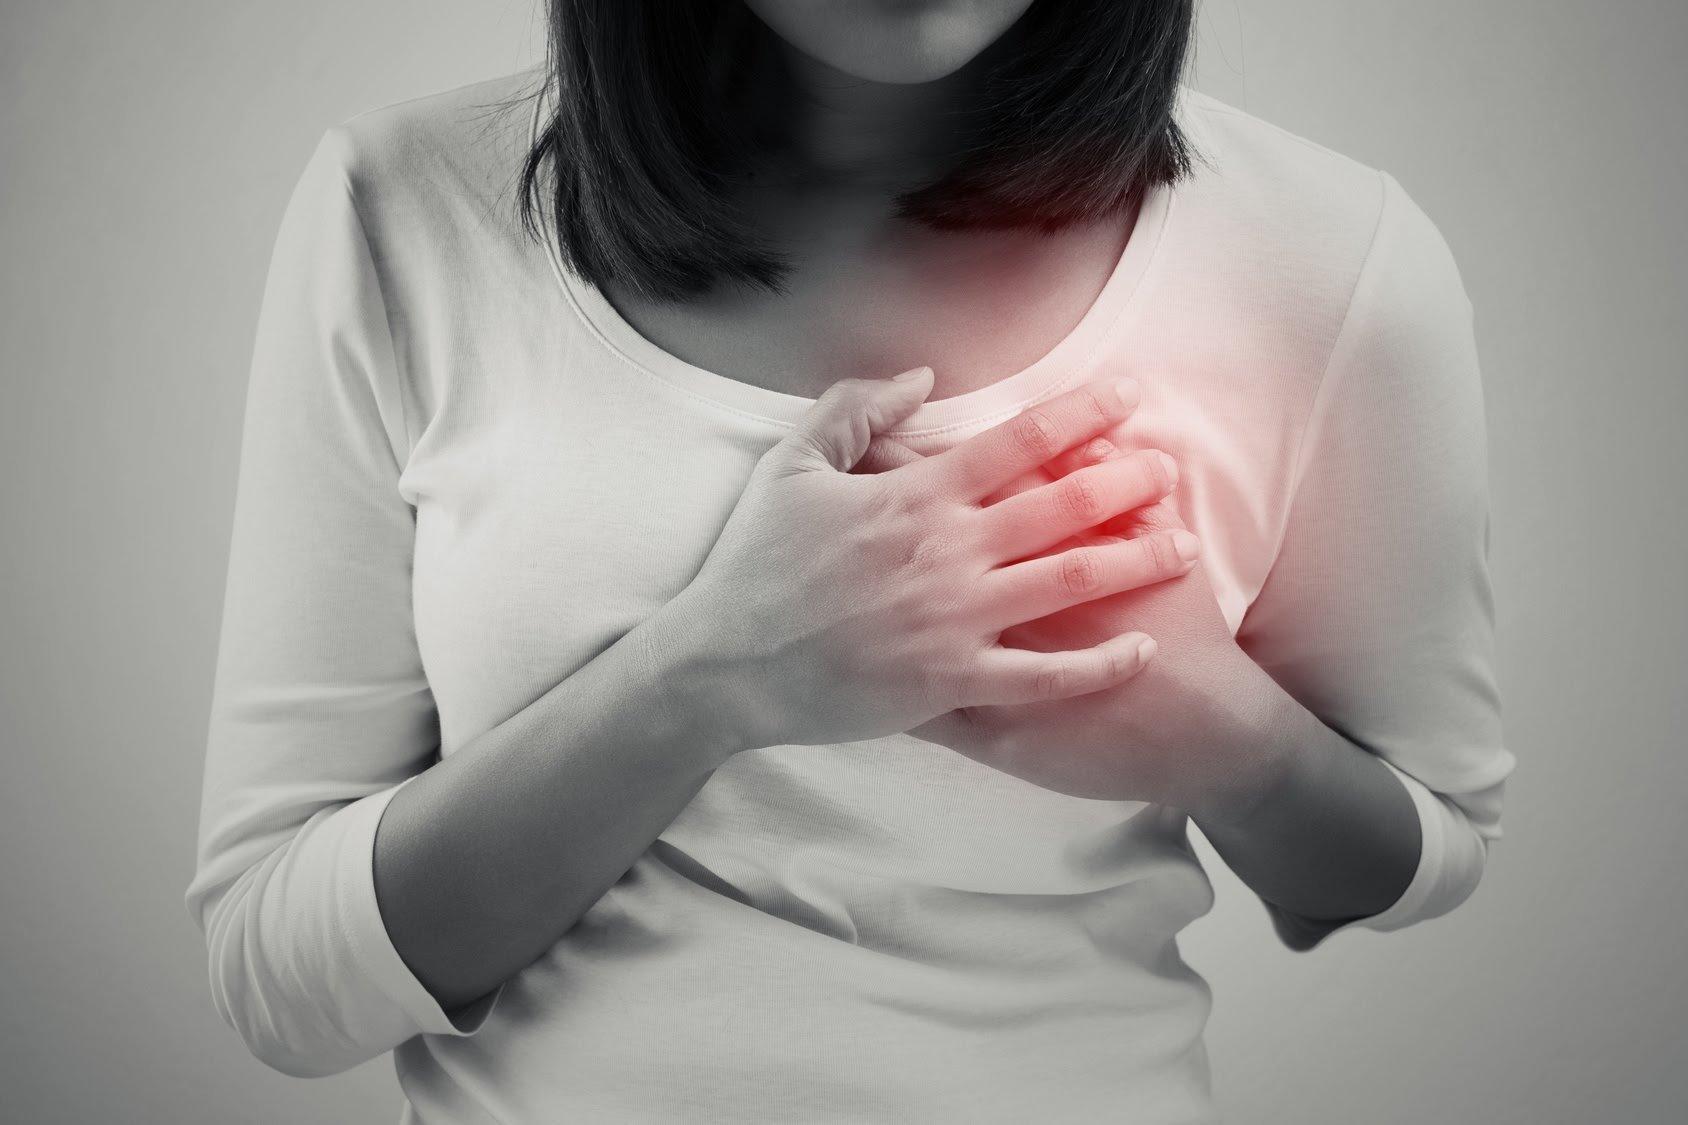 Мастодинон – лечение мастопатии без гормонов